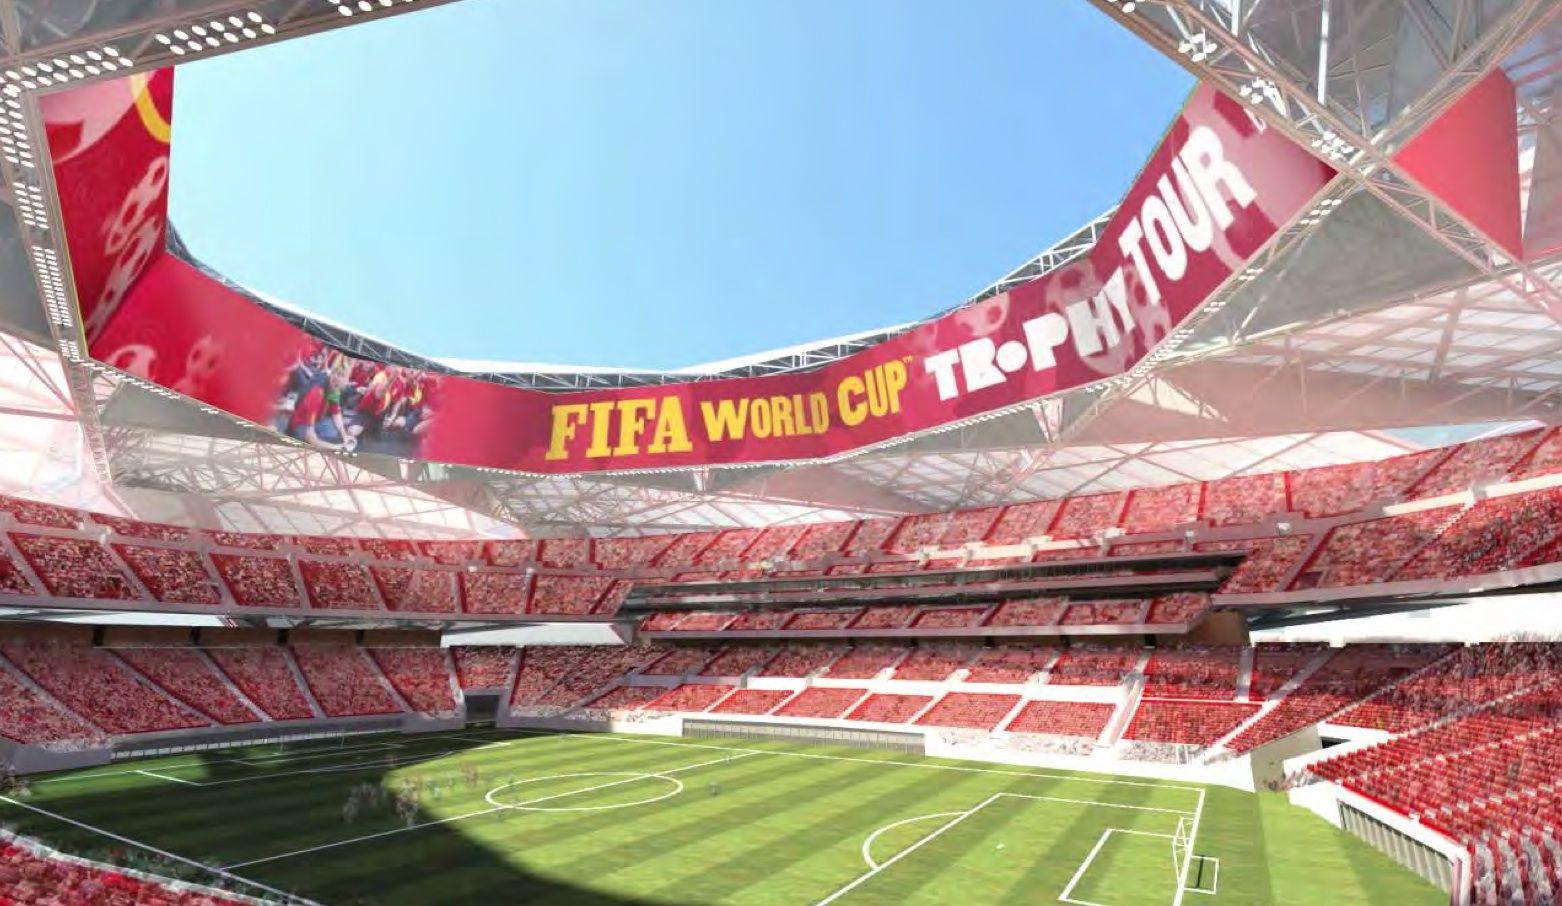 Washington NFL stadium designed by Bjarke Ingels